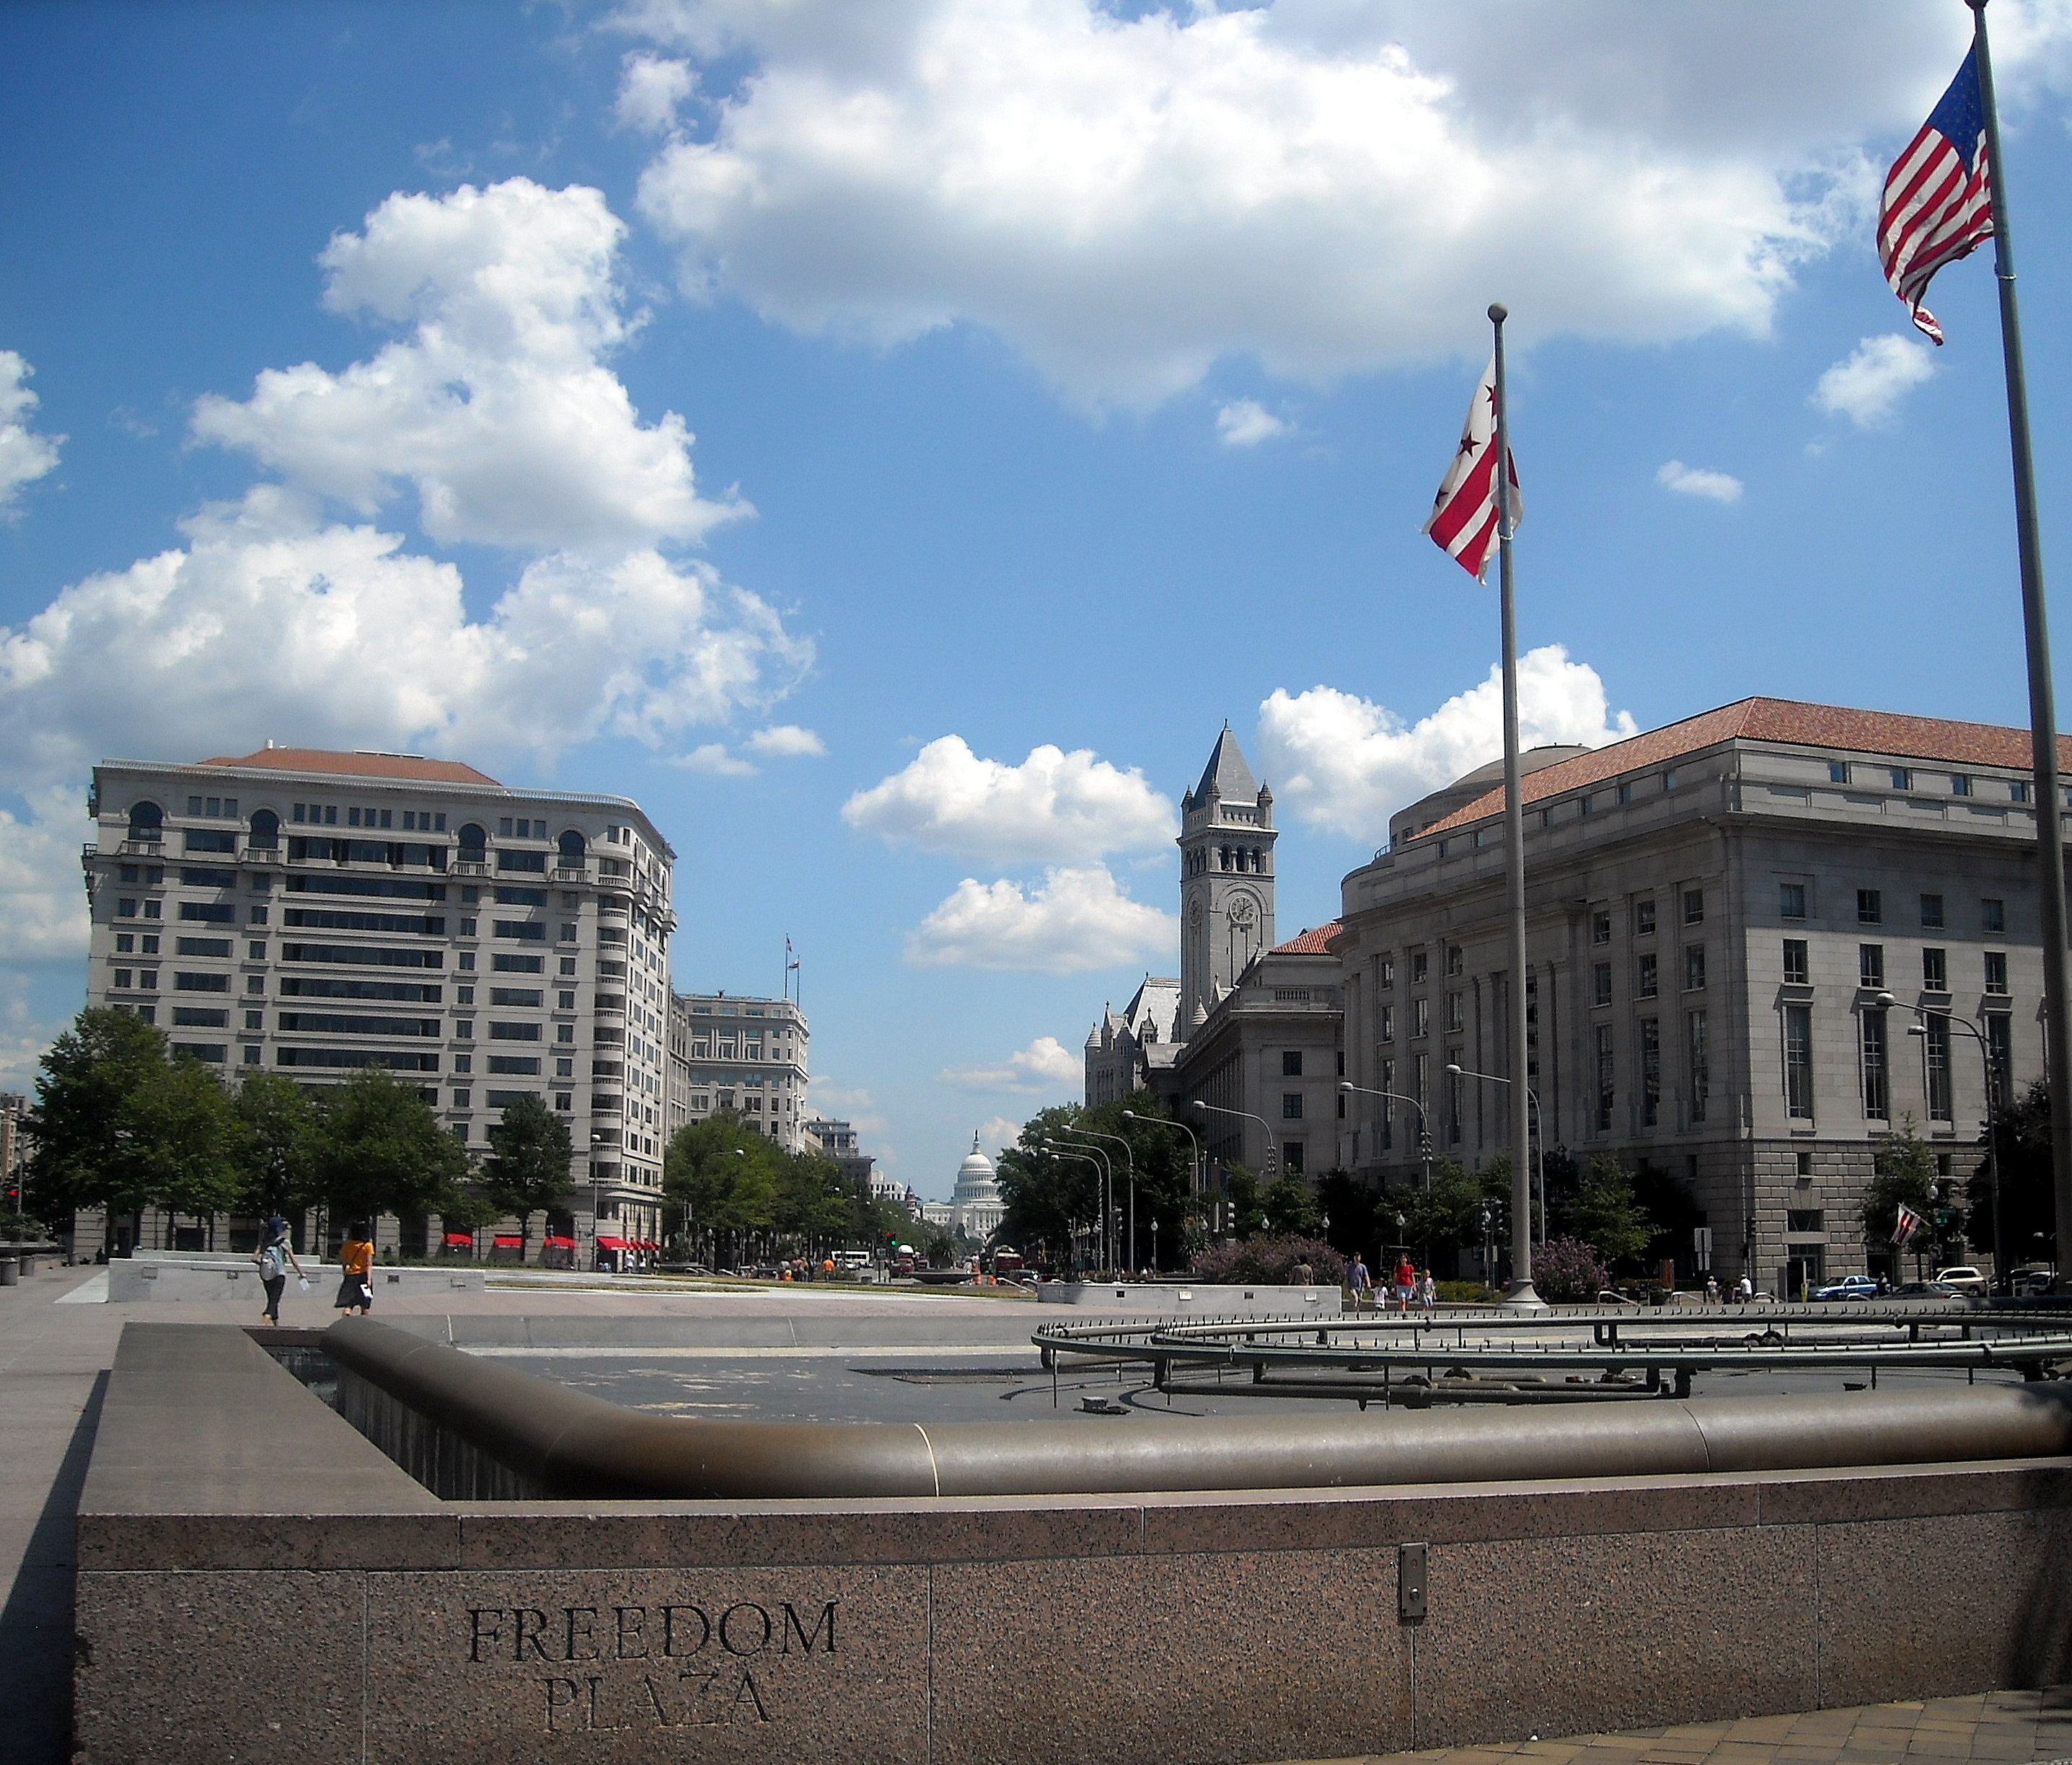 Hotels Freedom Plaza Washington Dc